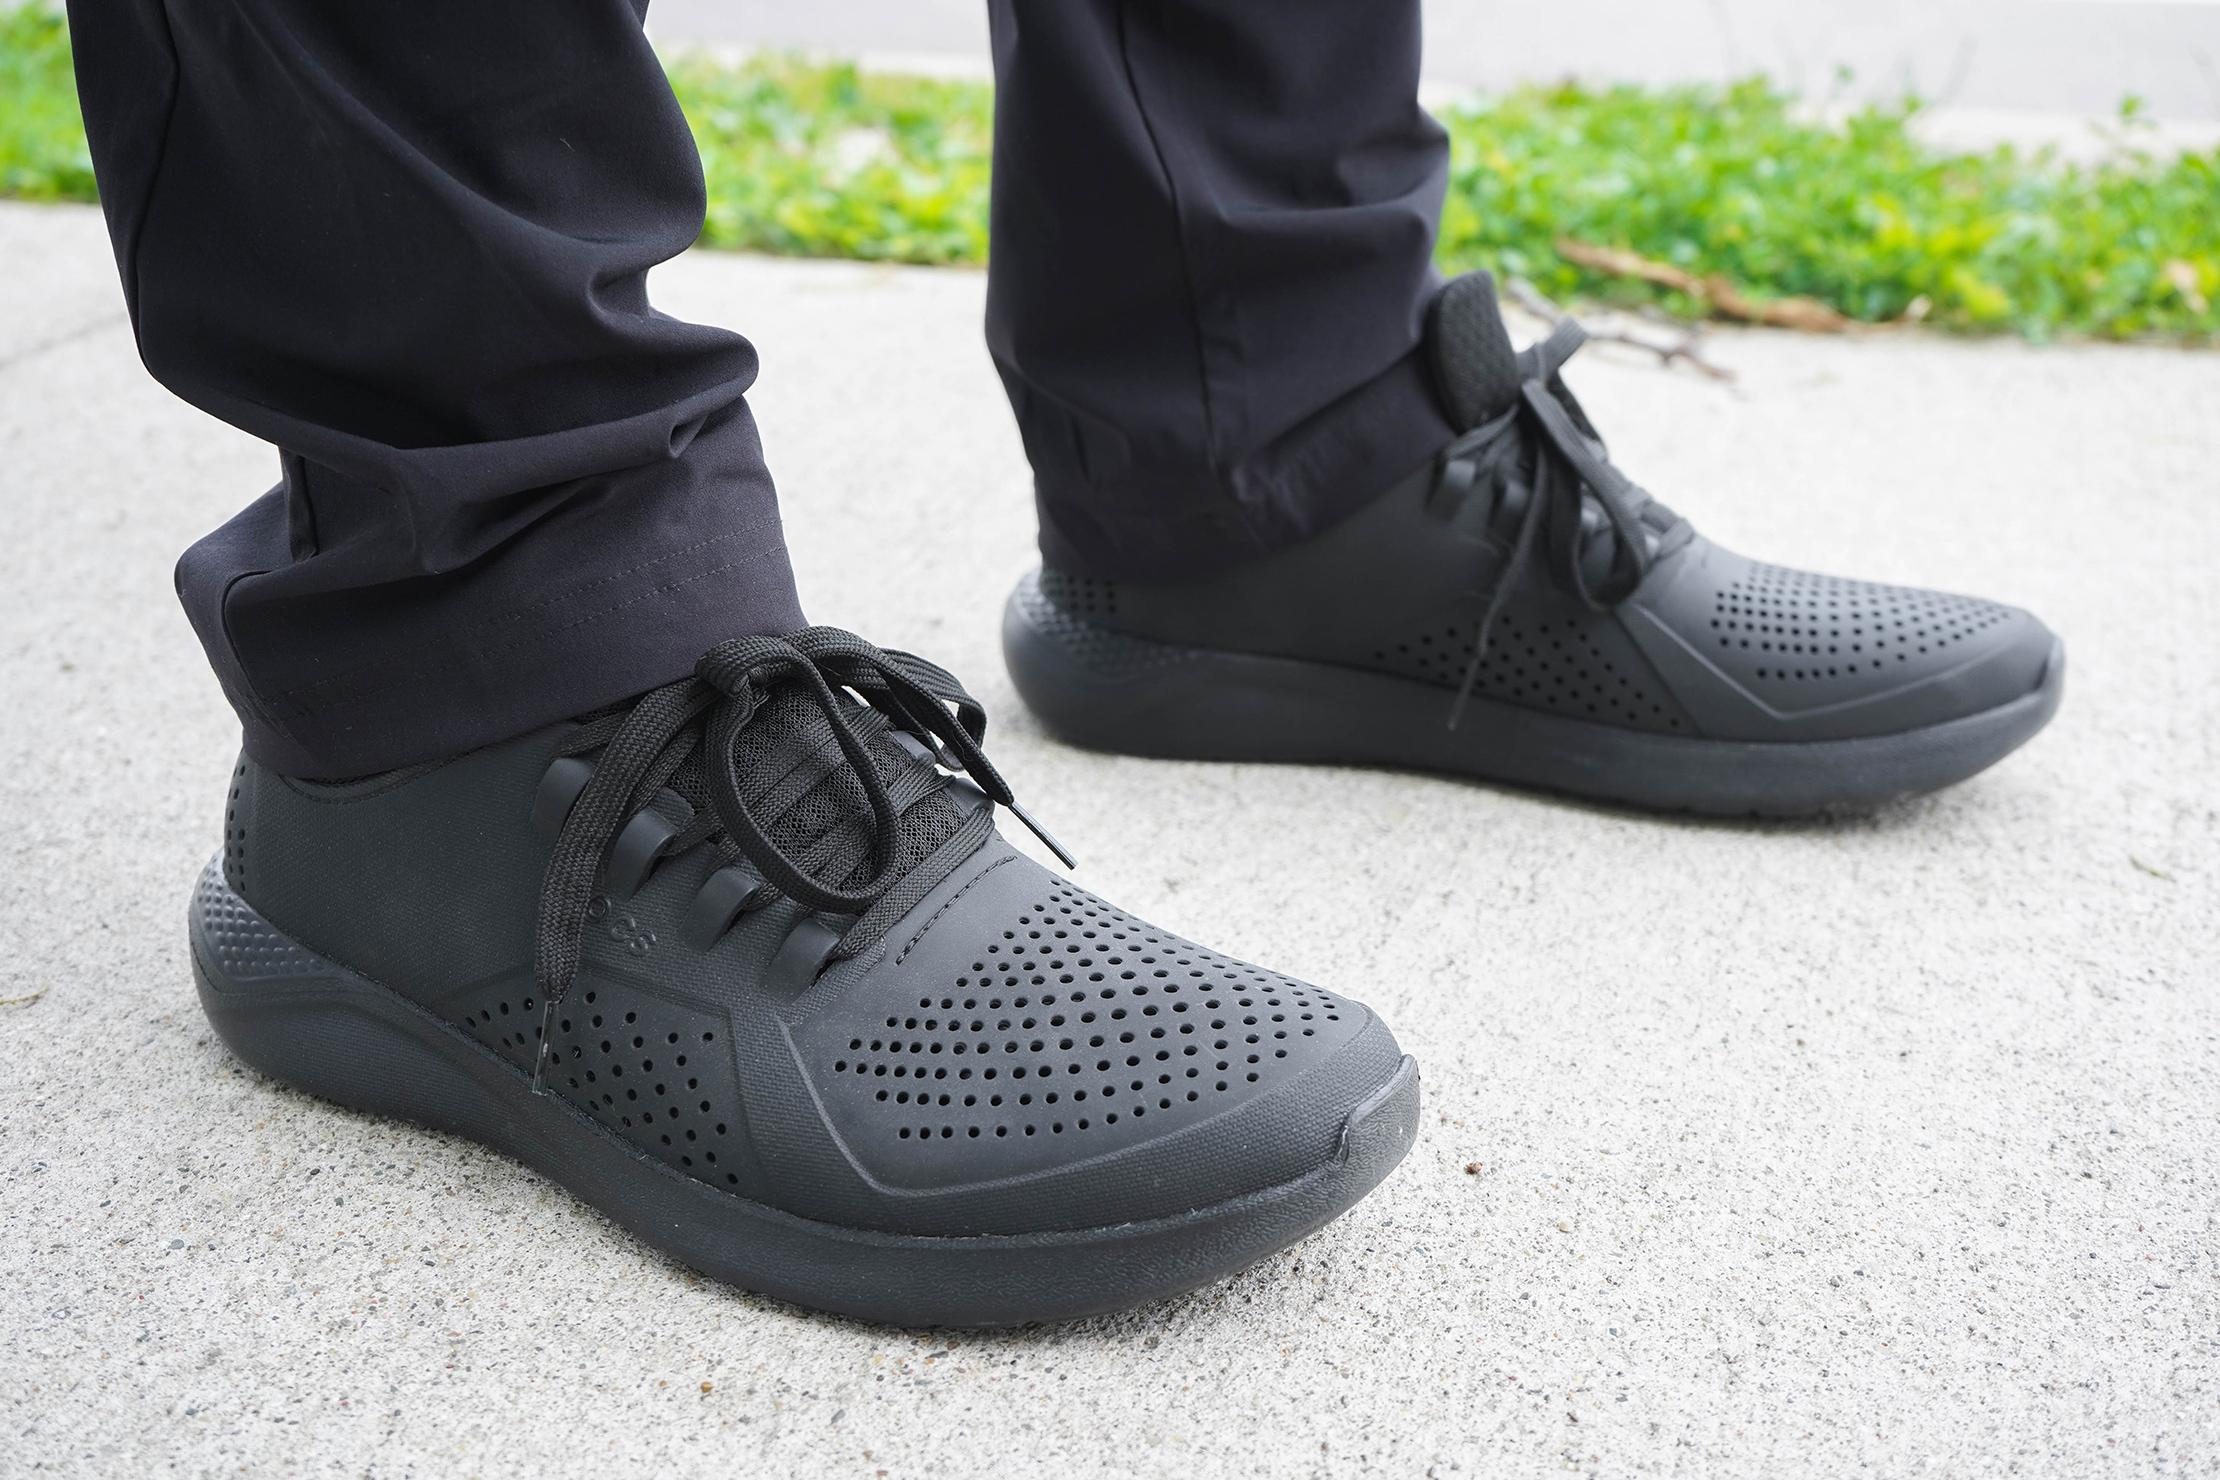 Crocs LiteRide Pacer in Detroit